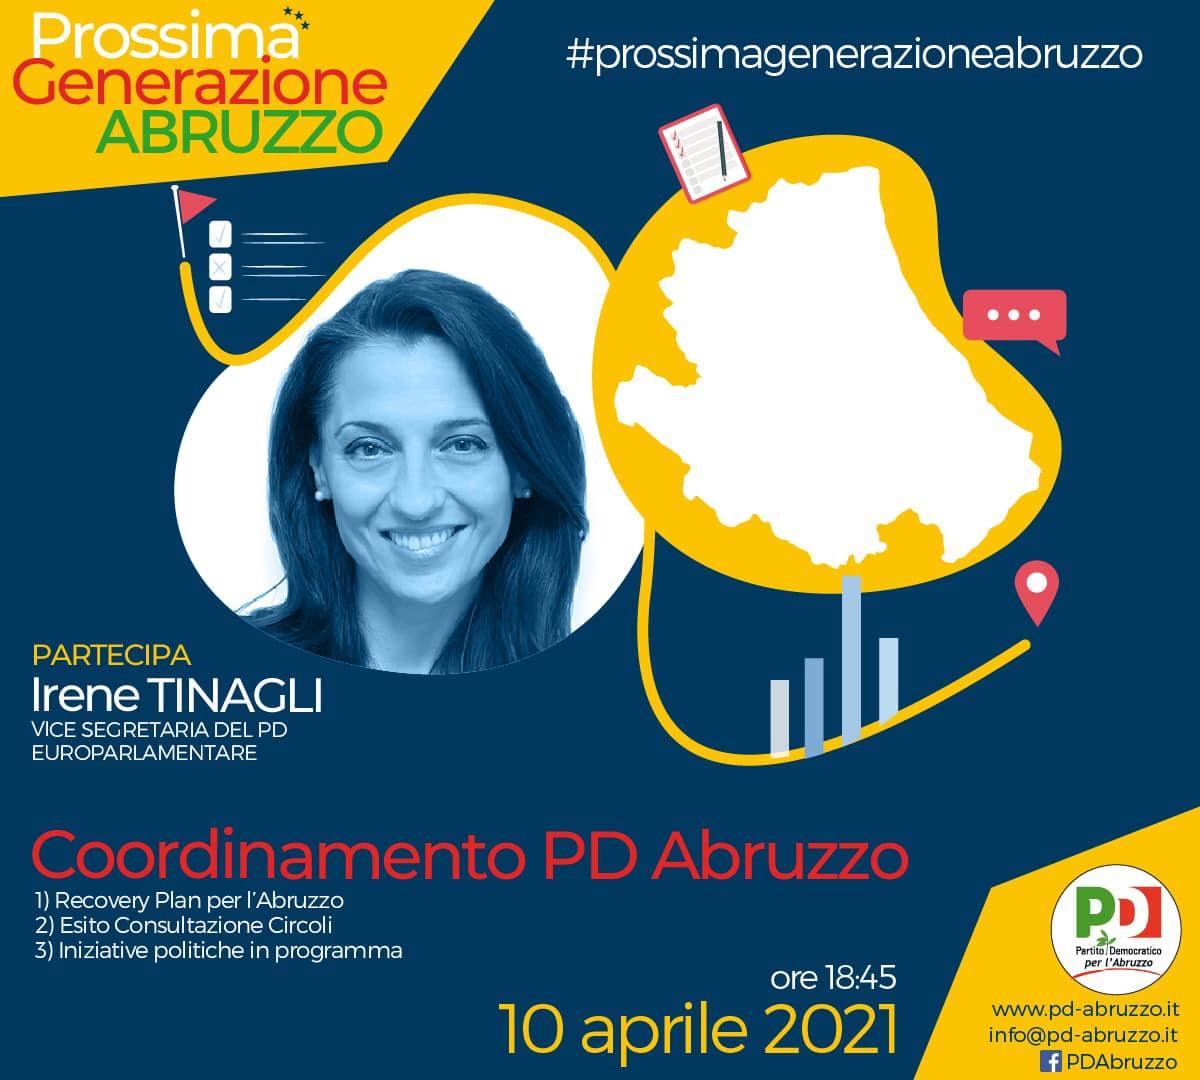 Il 10 aprile il coordinamento del pd abruzzo con irene tinagli